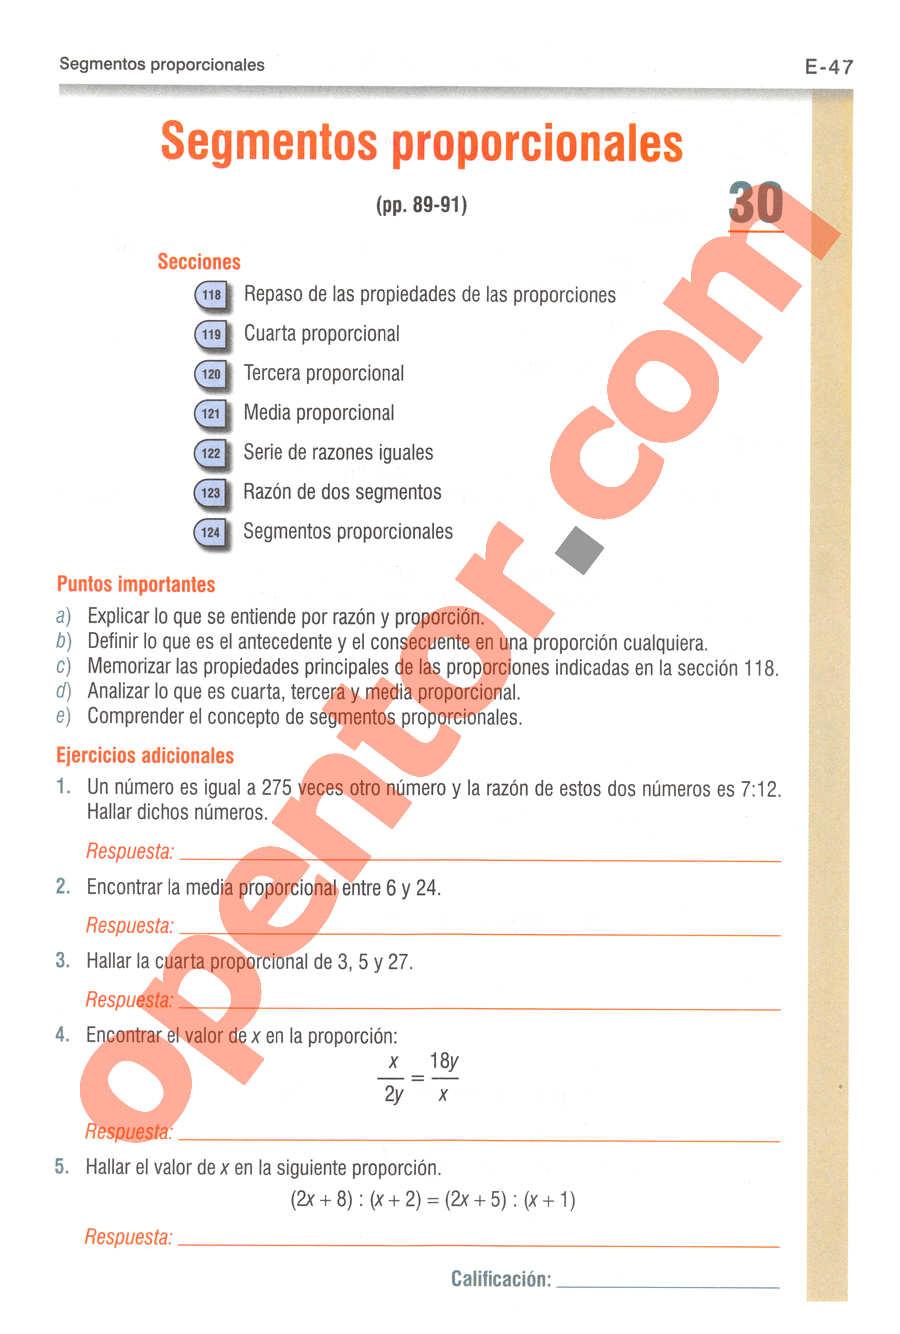 Geometría y Trigonometría de Baldor - Página E47